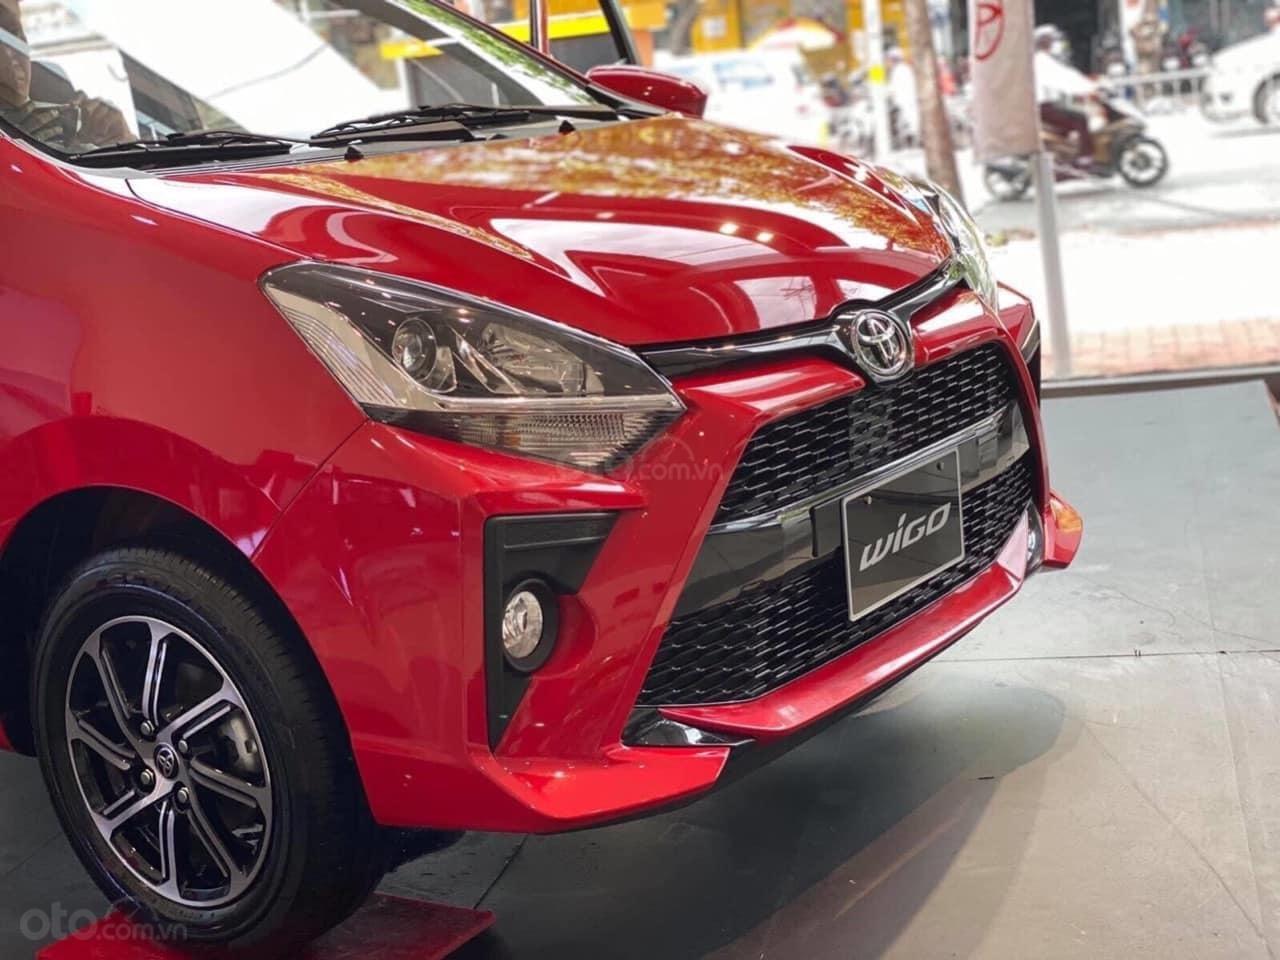 Cần bán xe Toyota Wigo 1.2AT sản xuất 2021 trả trước 130 triệu nhận xe (4)